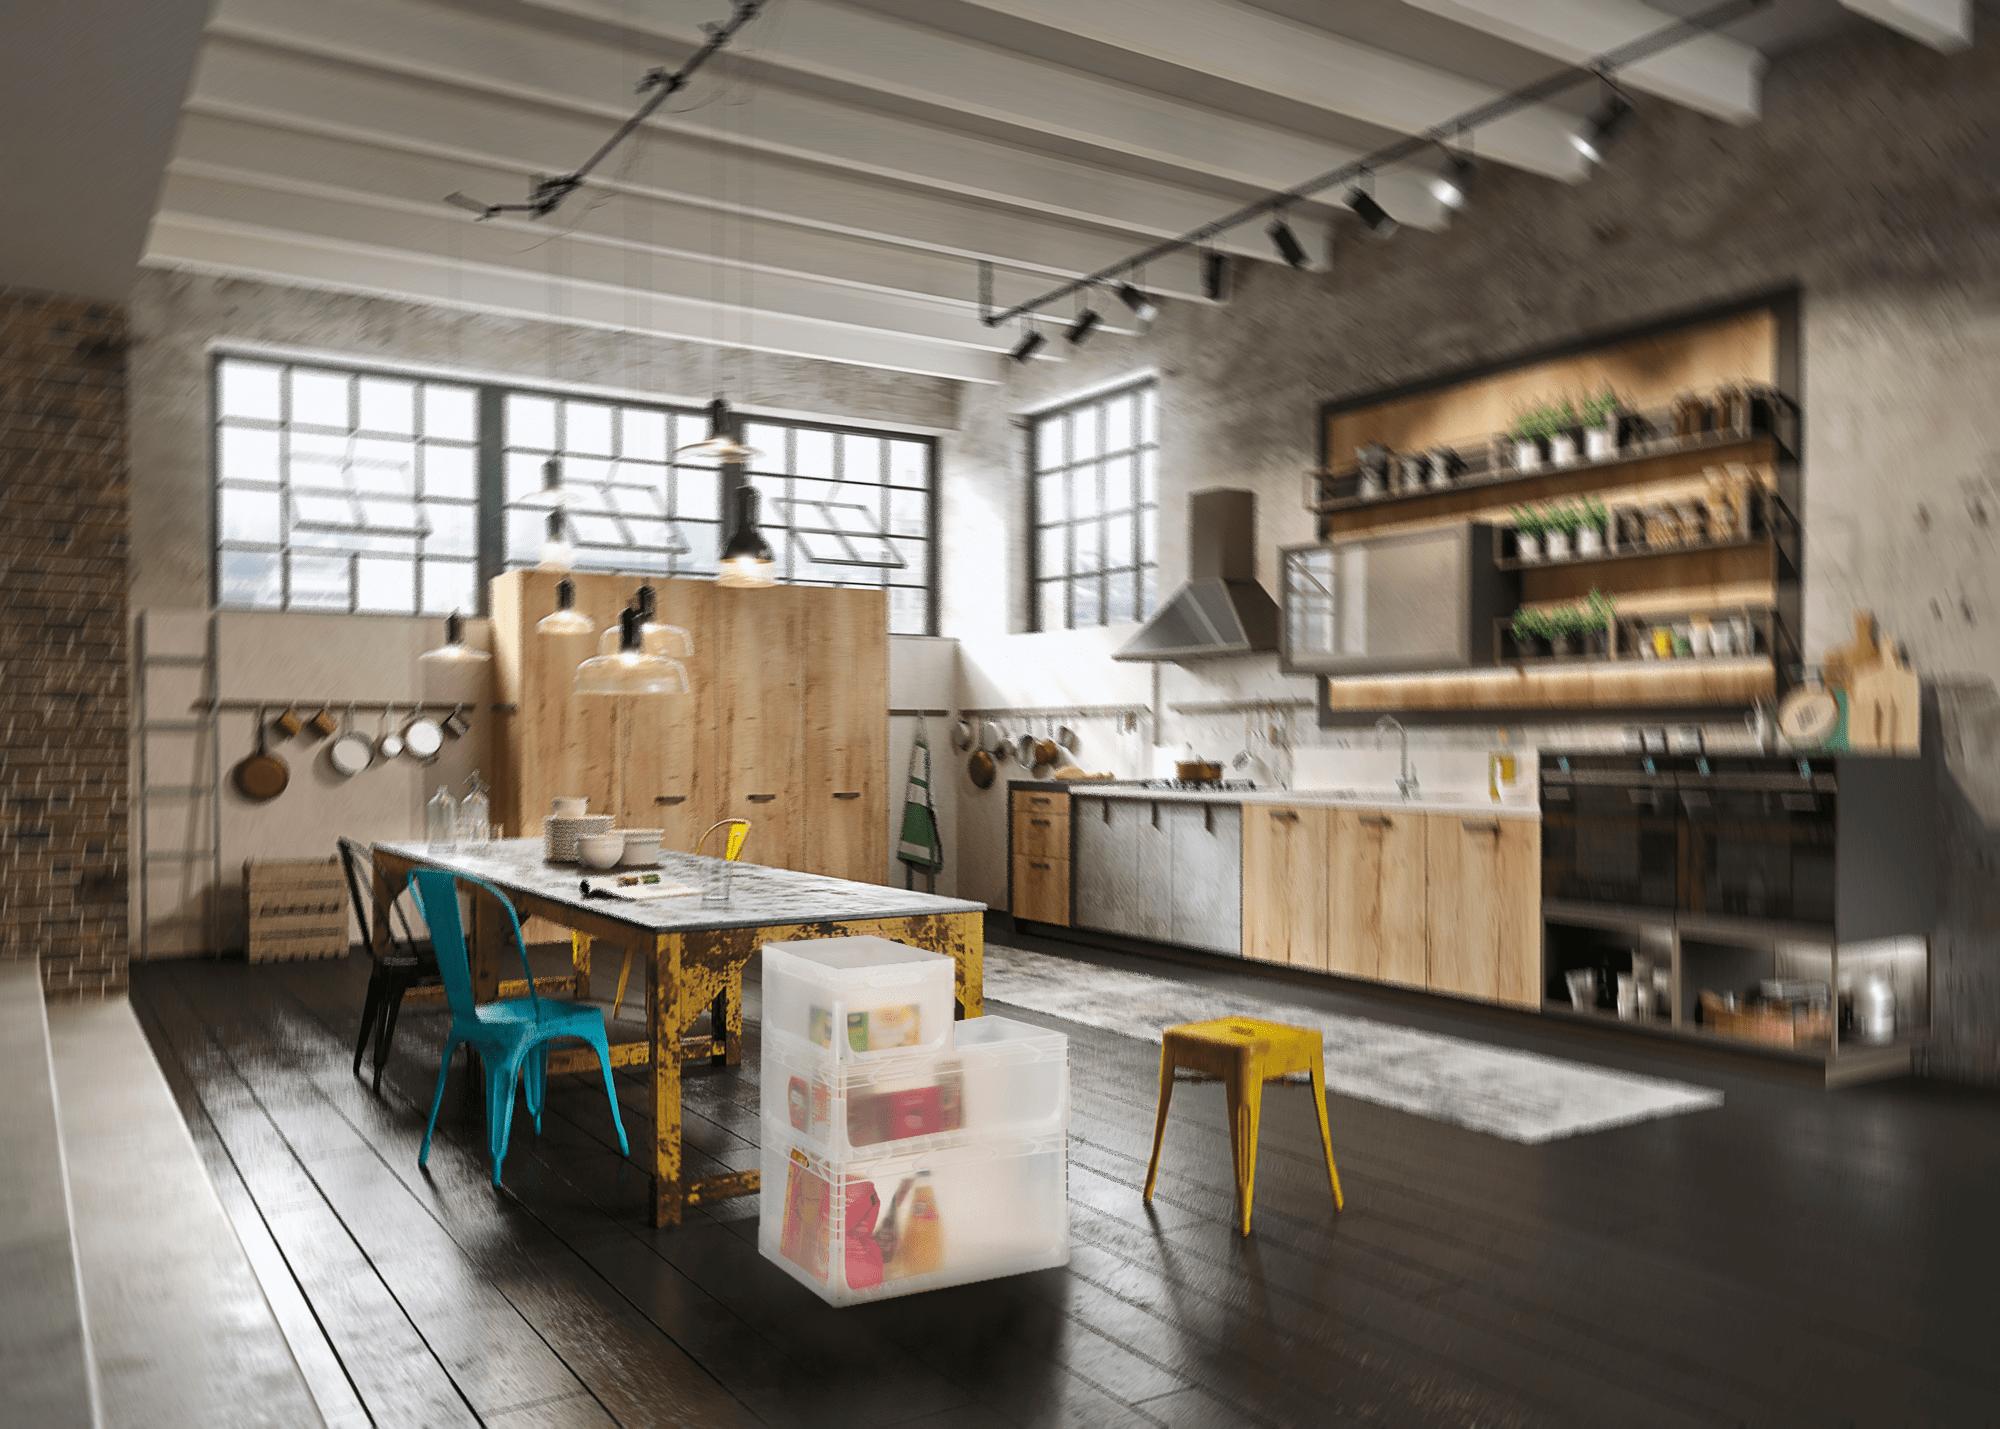 Contenitori in plastica per alimenti Linea Eurobox casa ambientata cucina